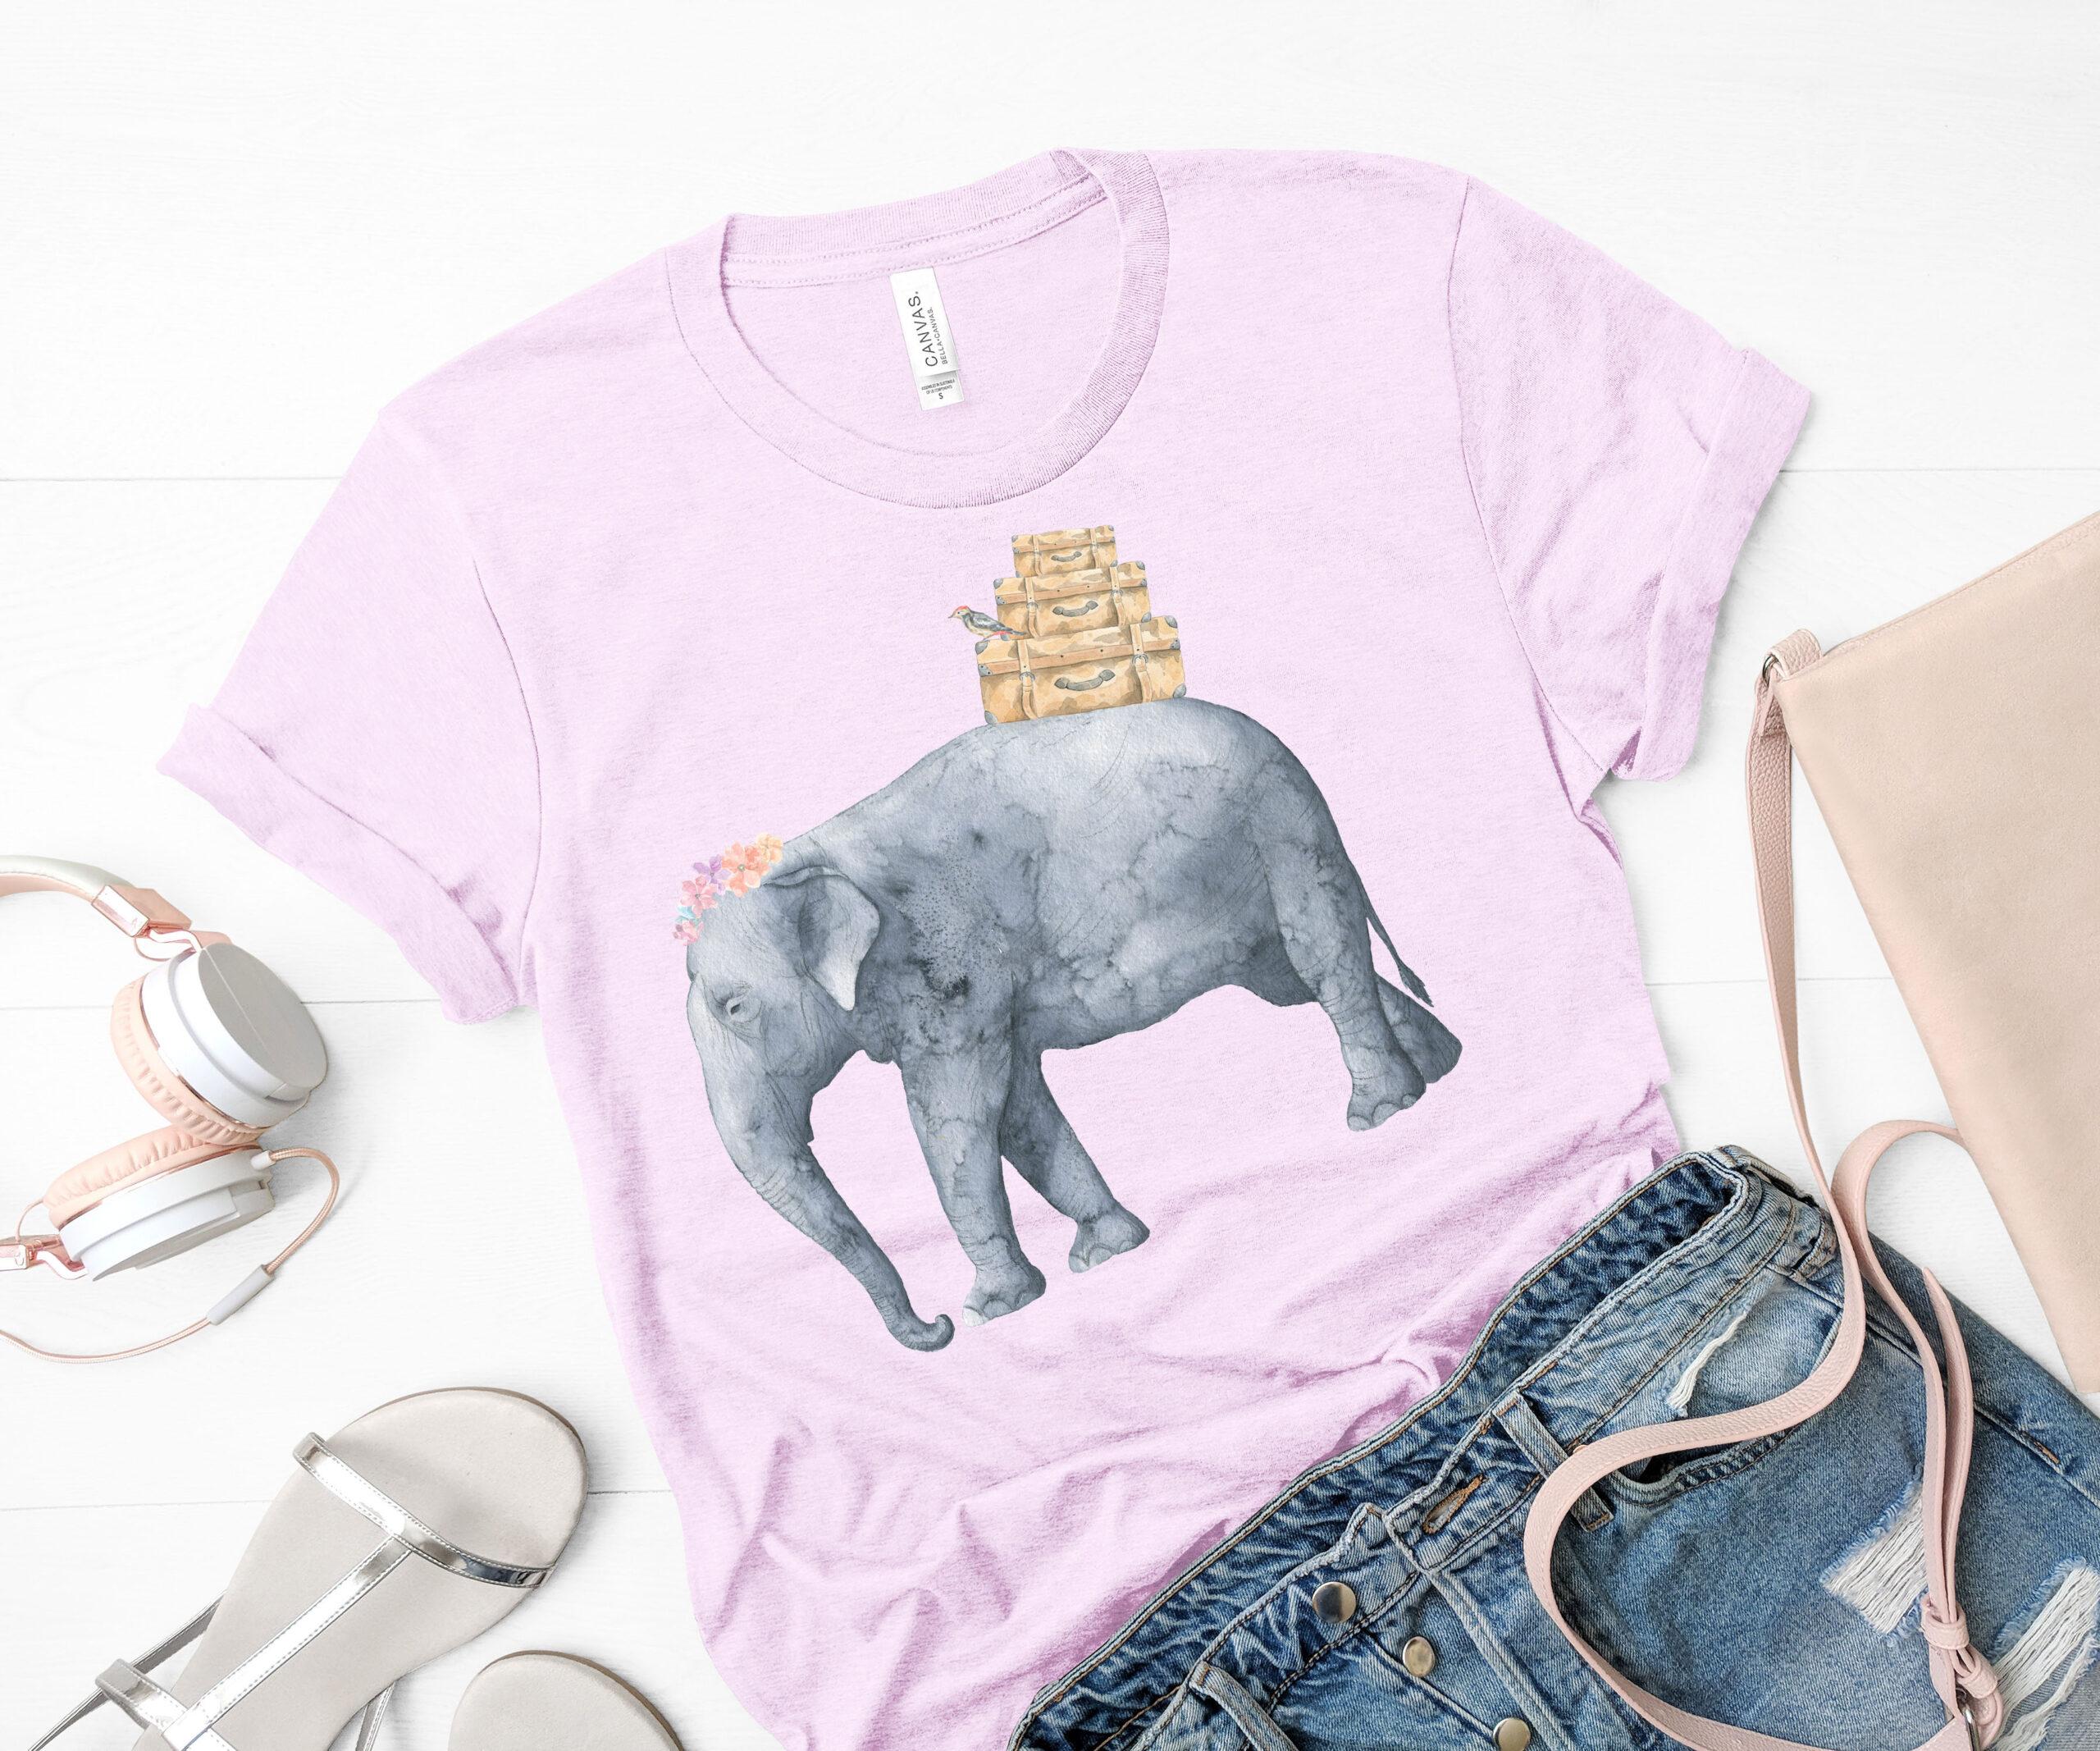 Free Elephant Holiday Sublimation Image